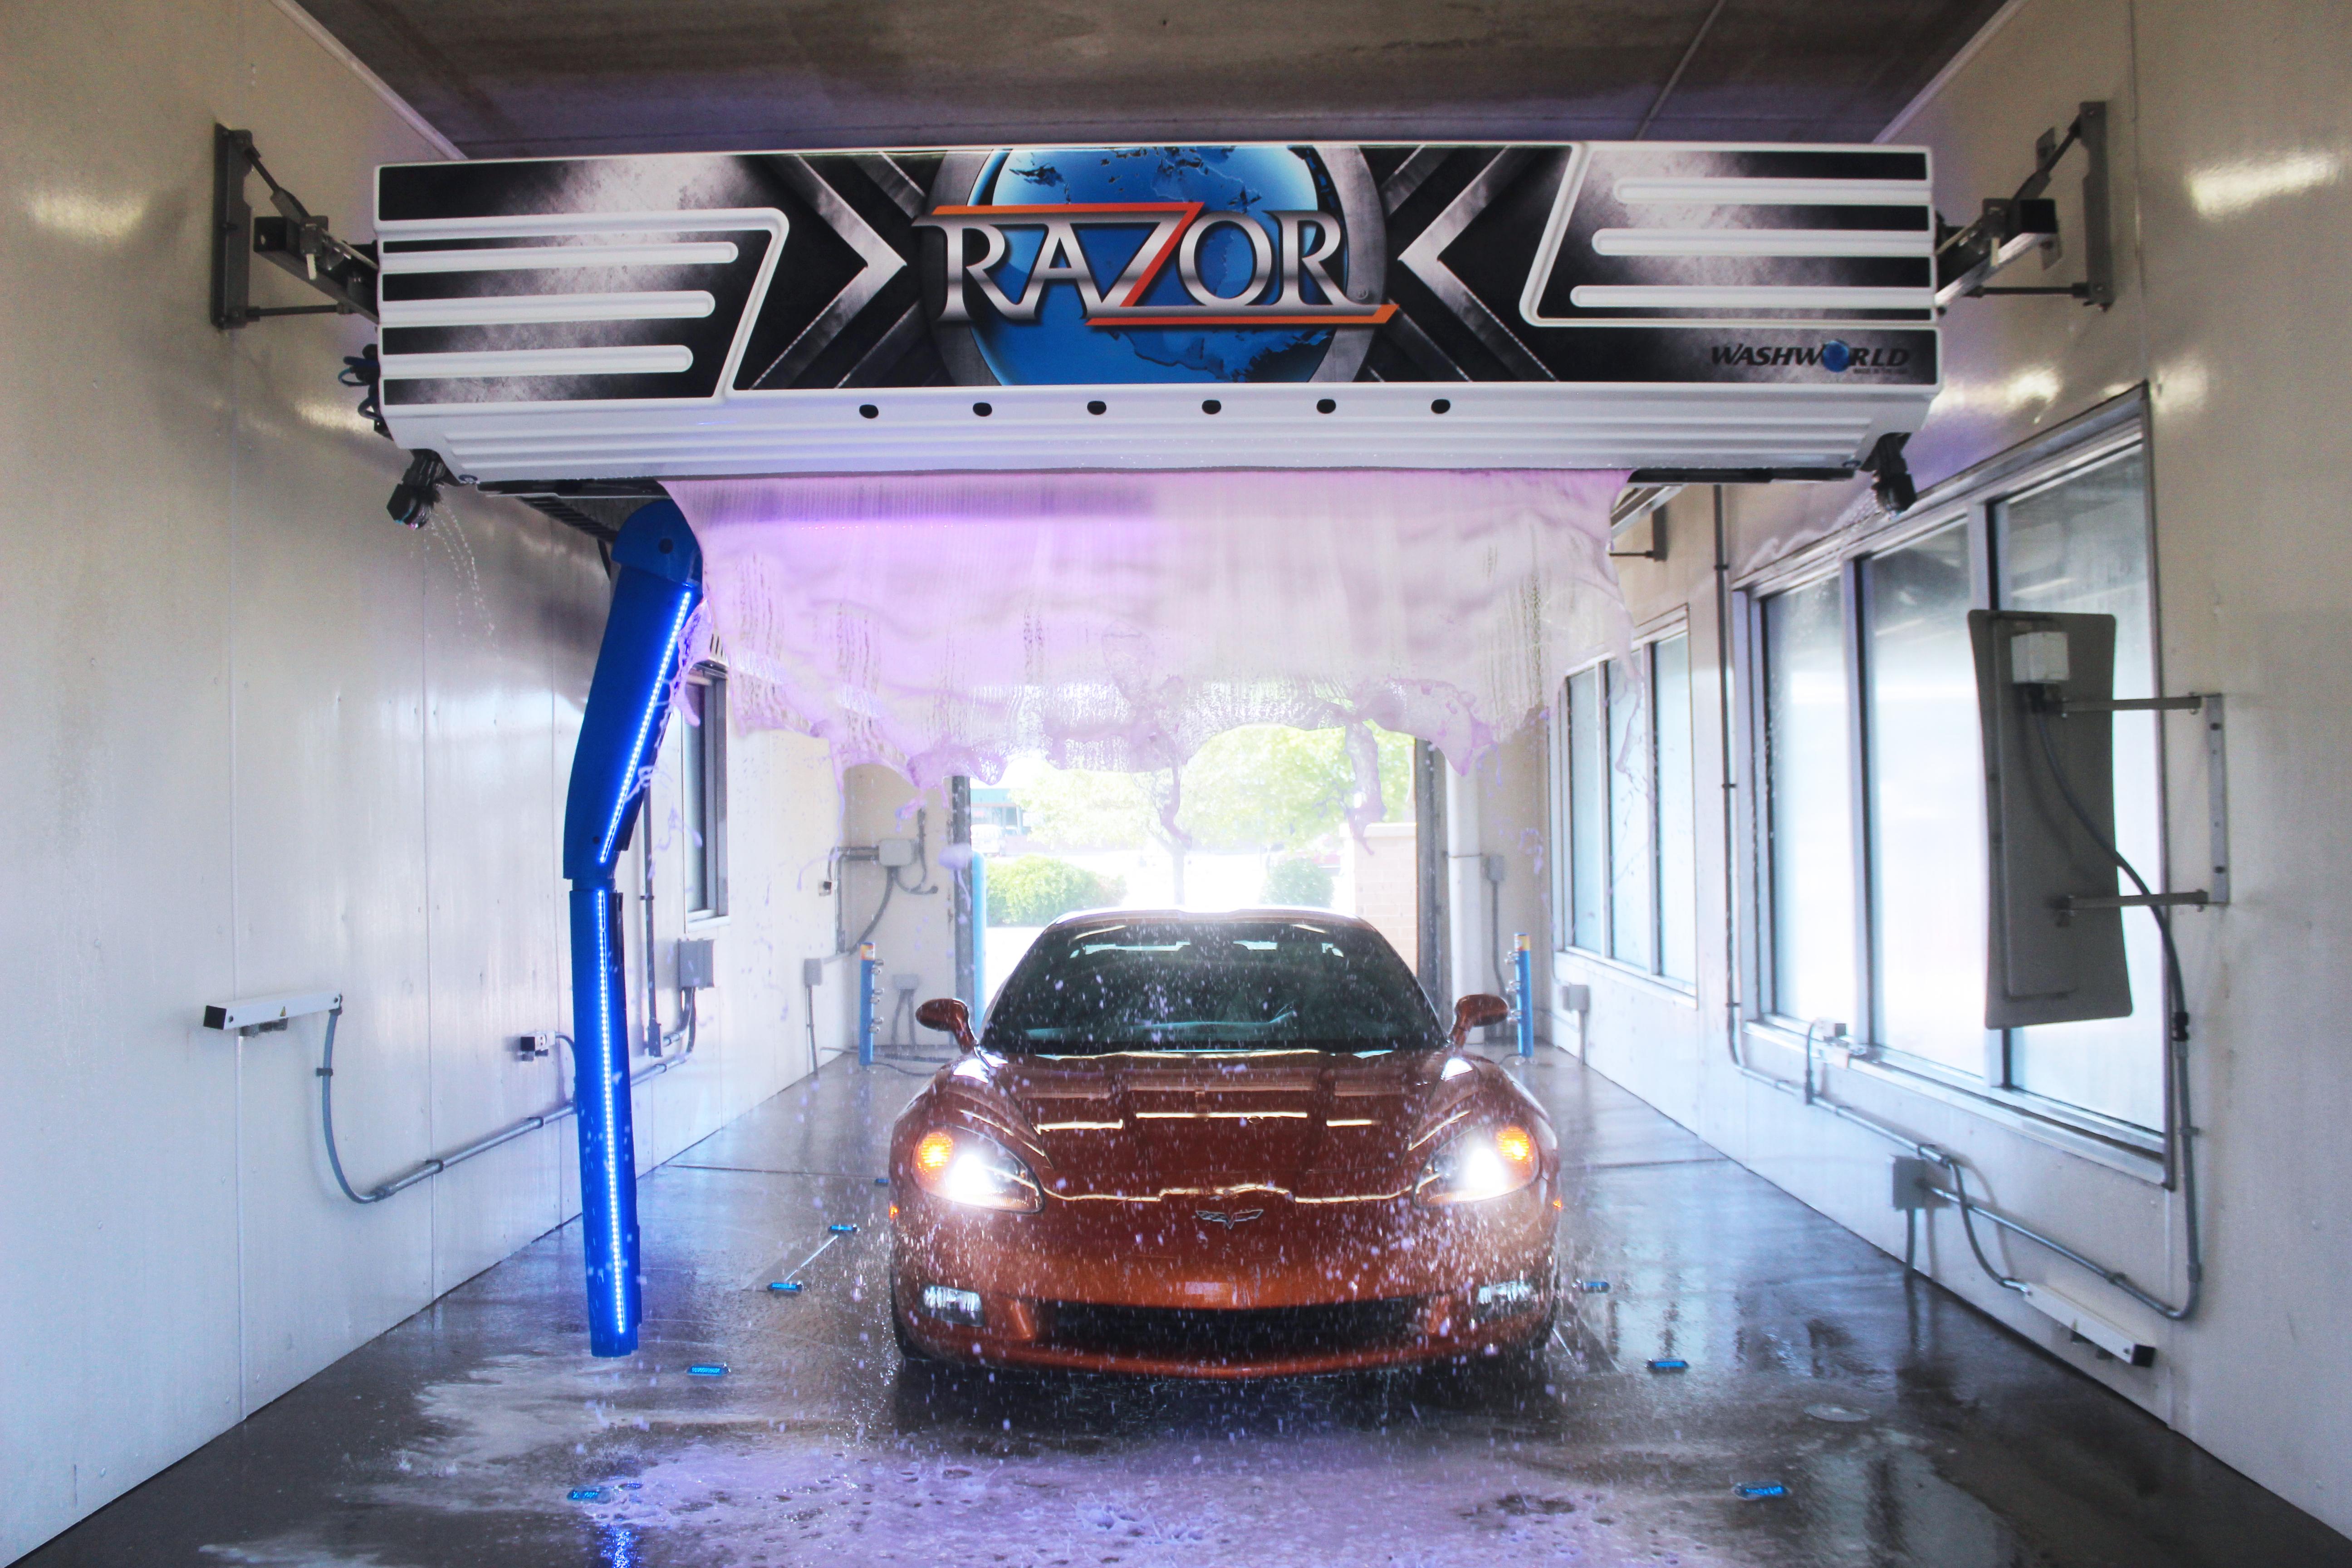 Washworld Razor car wash